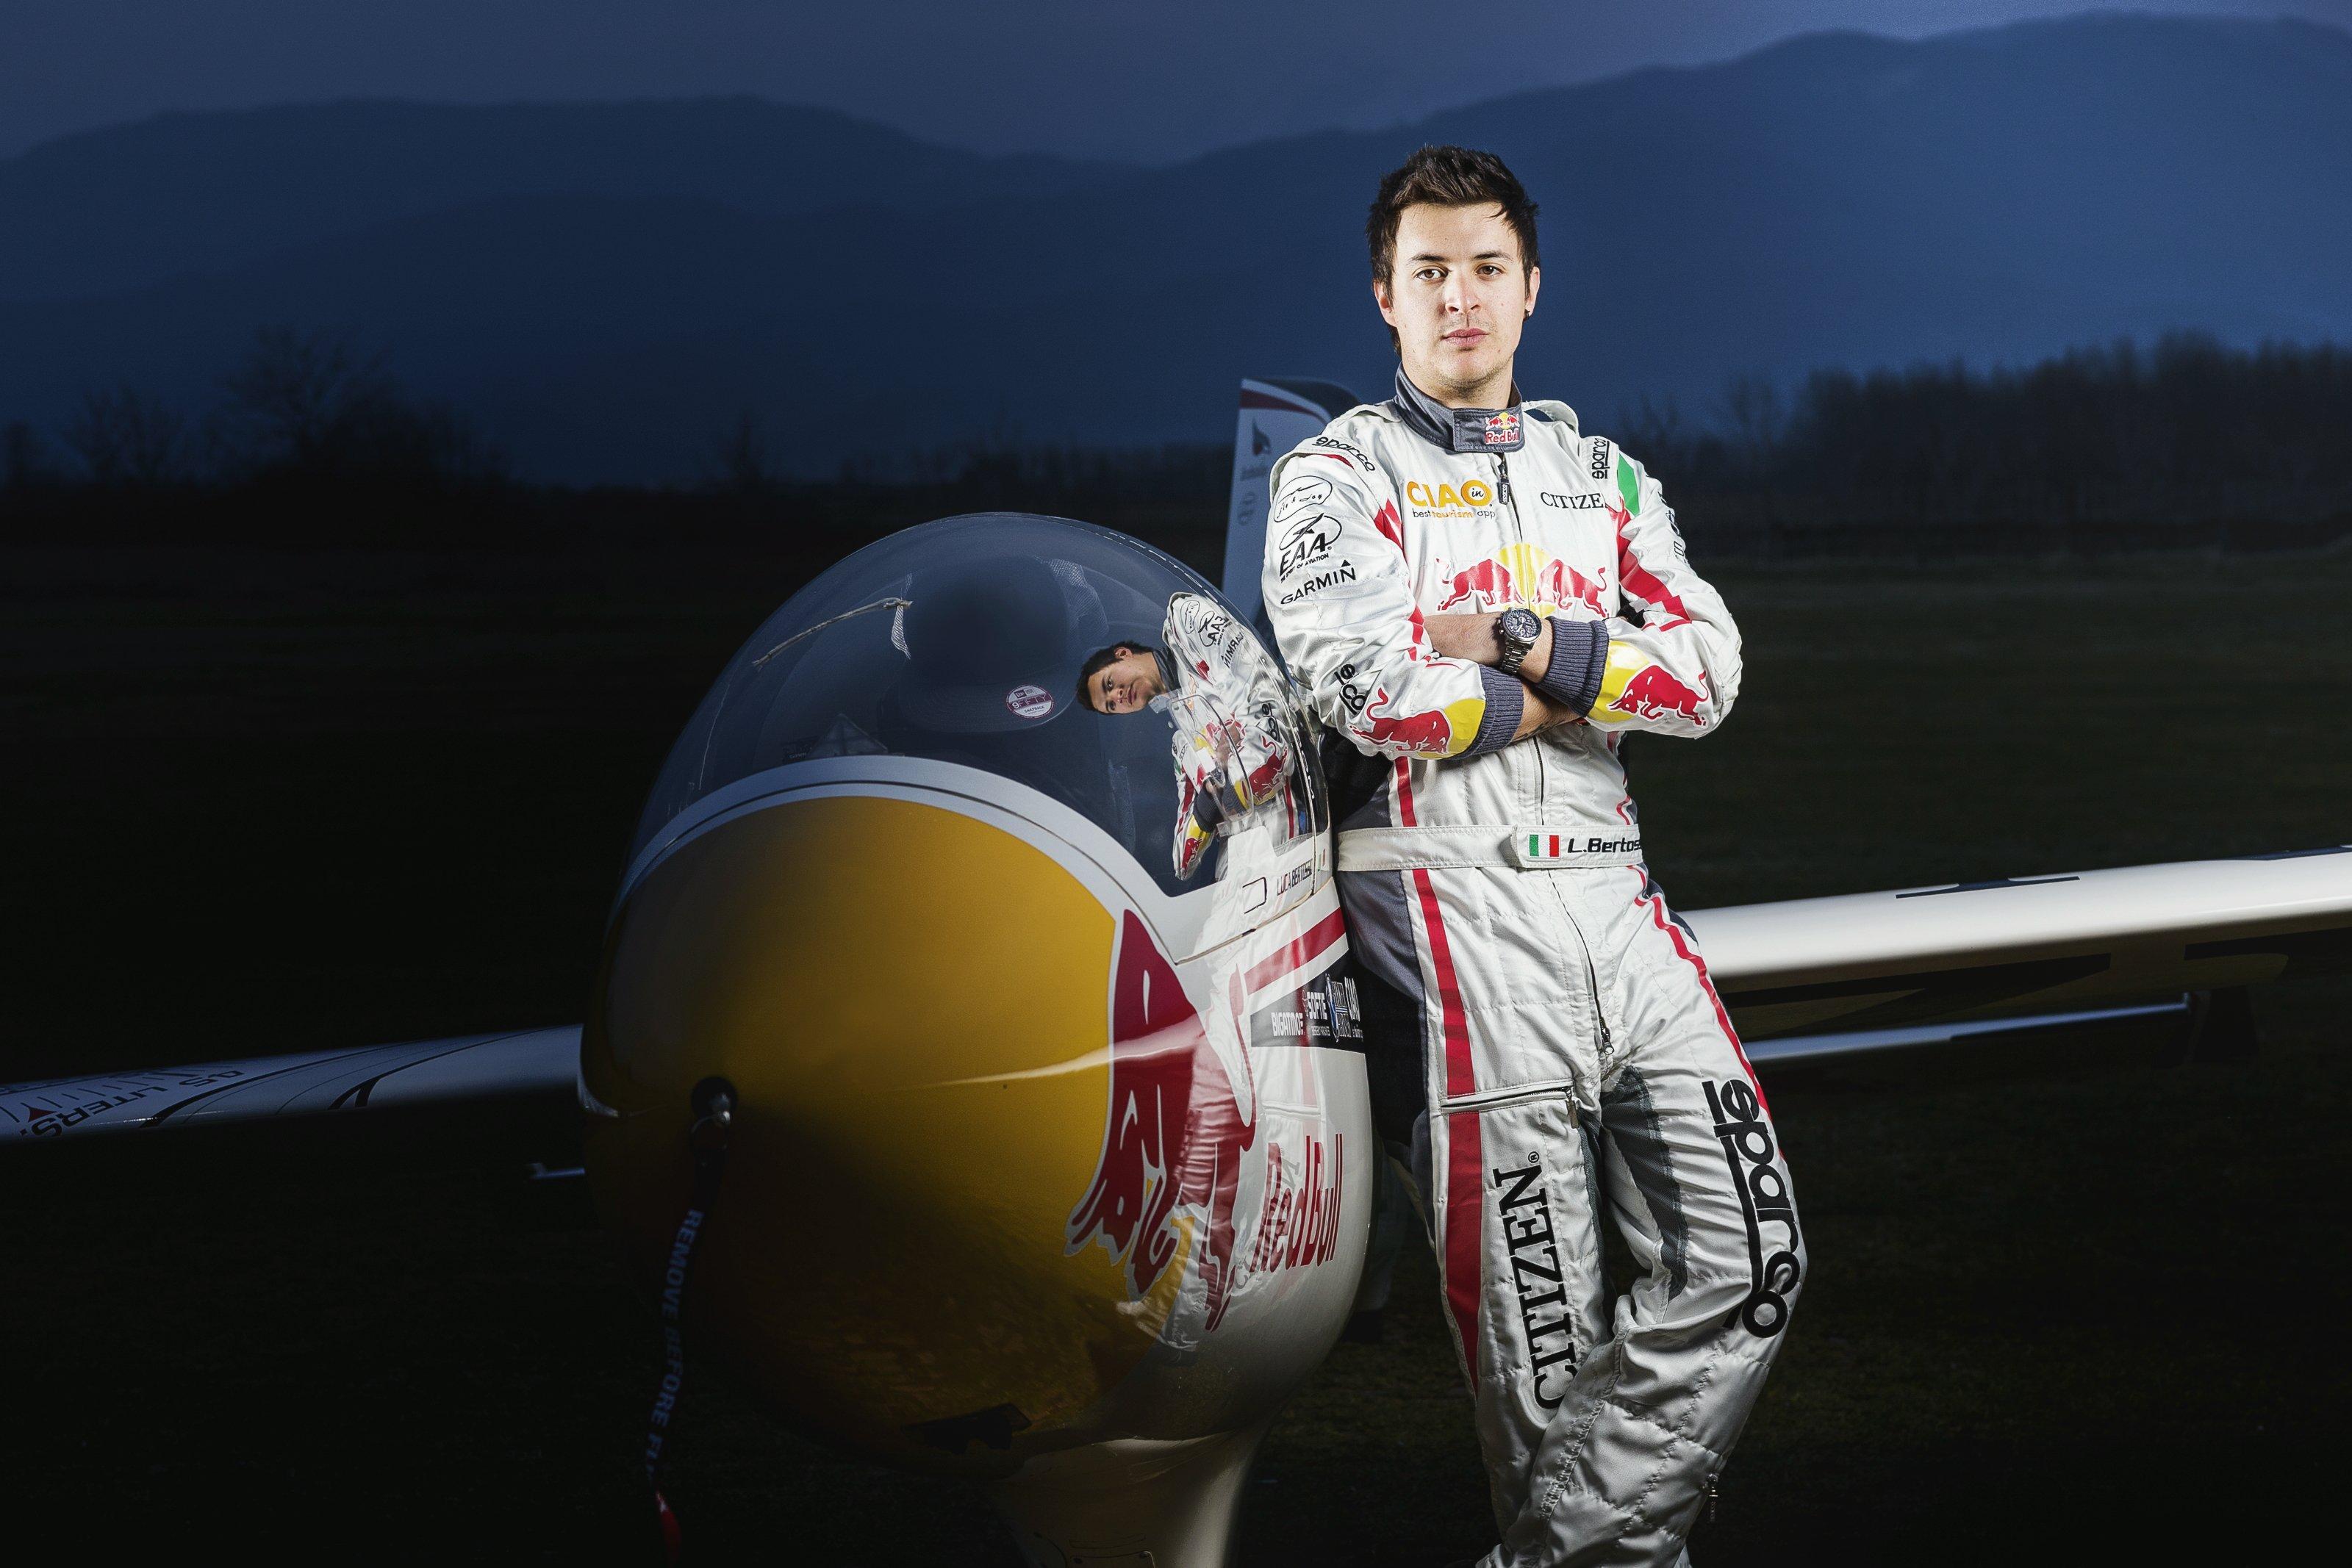 Luca Bertossio Aliante acrobatico intervista